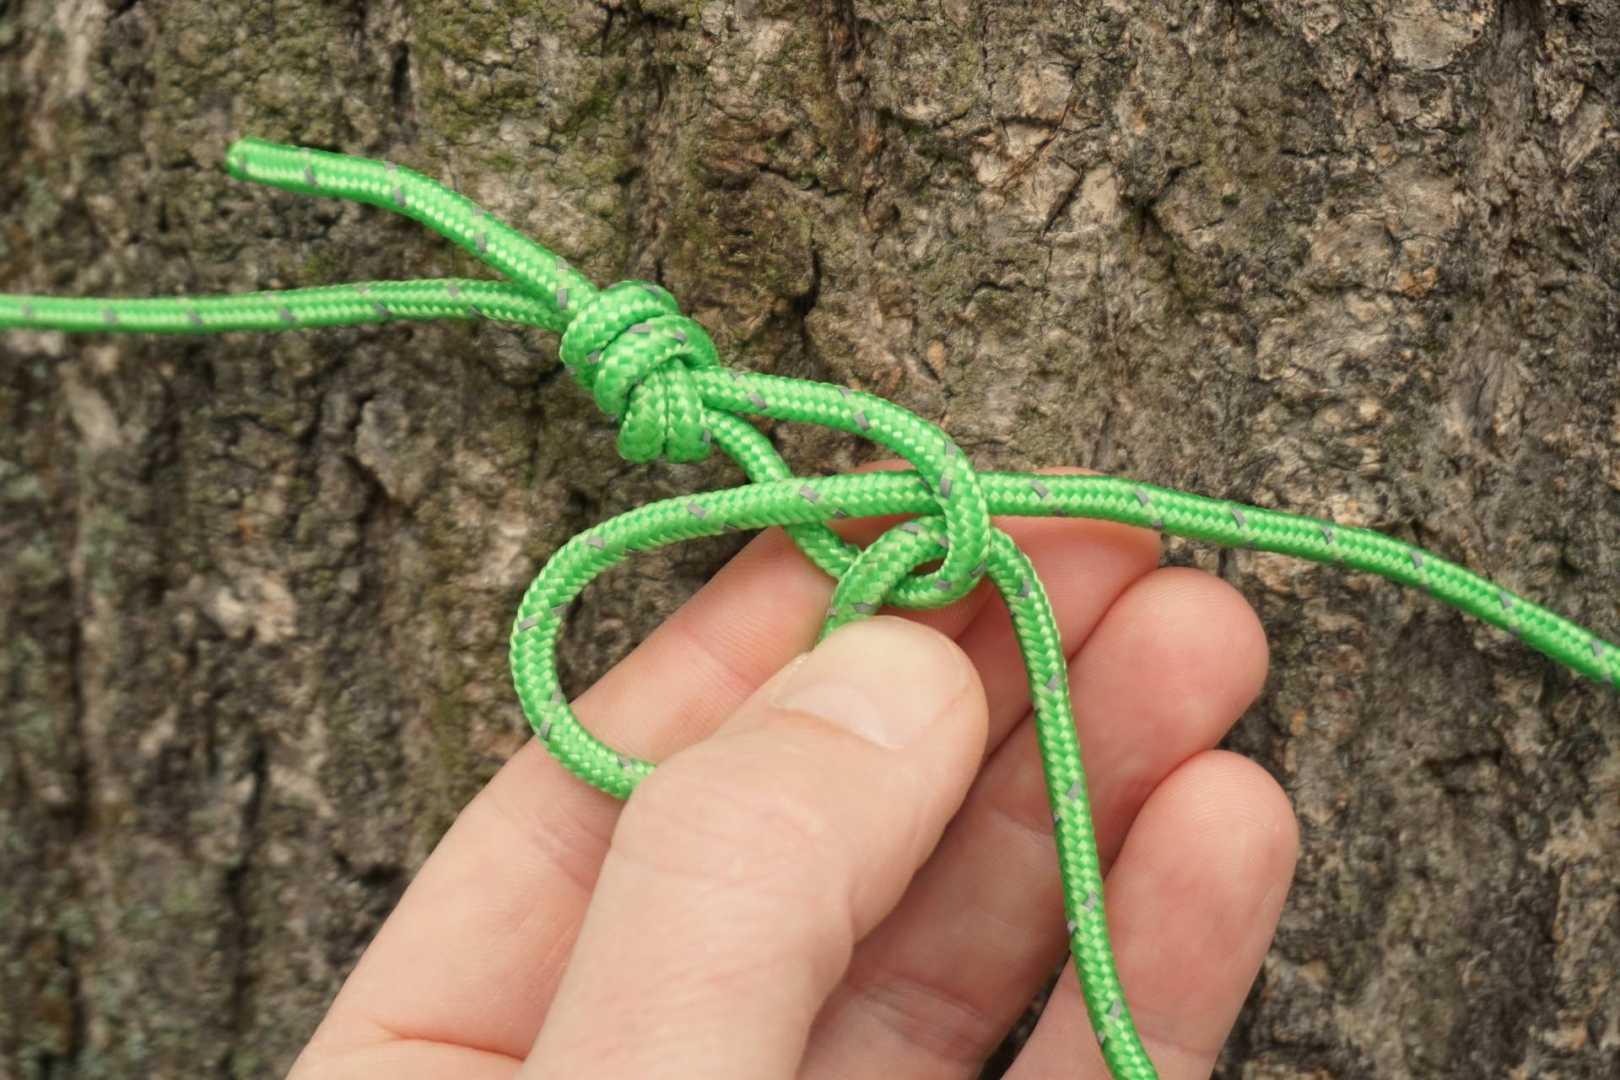 Schlinge mit Seil hindurch gesteckt